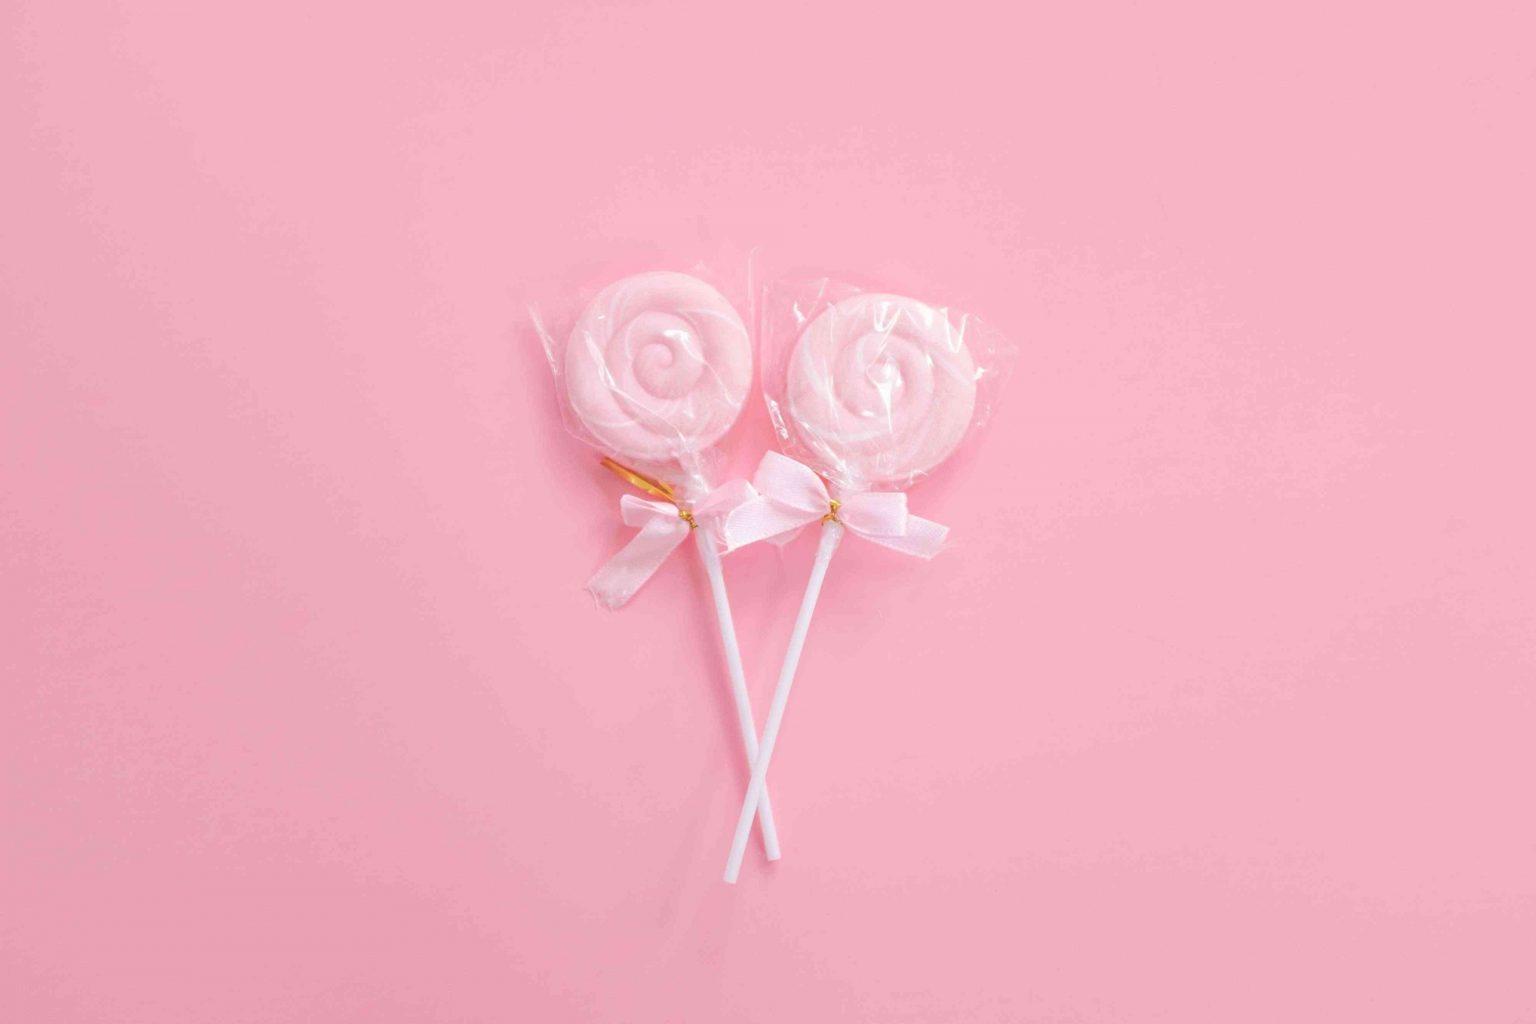 lollipops-tempting-candies